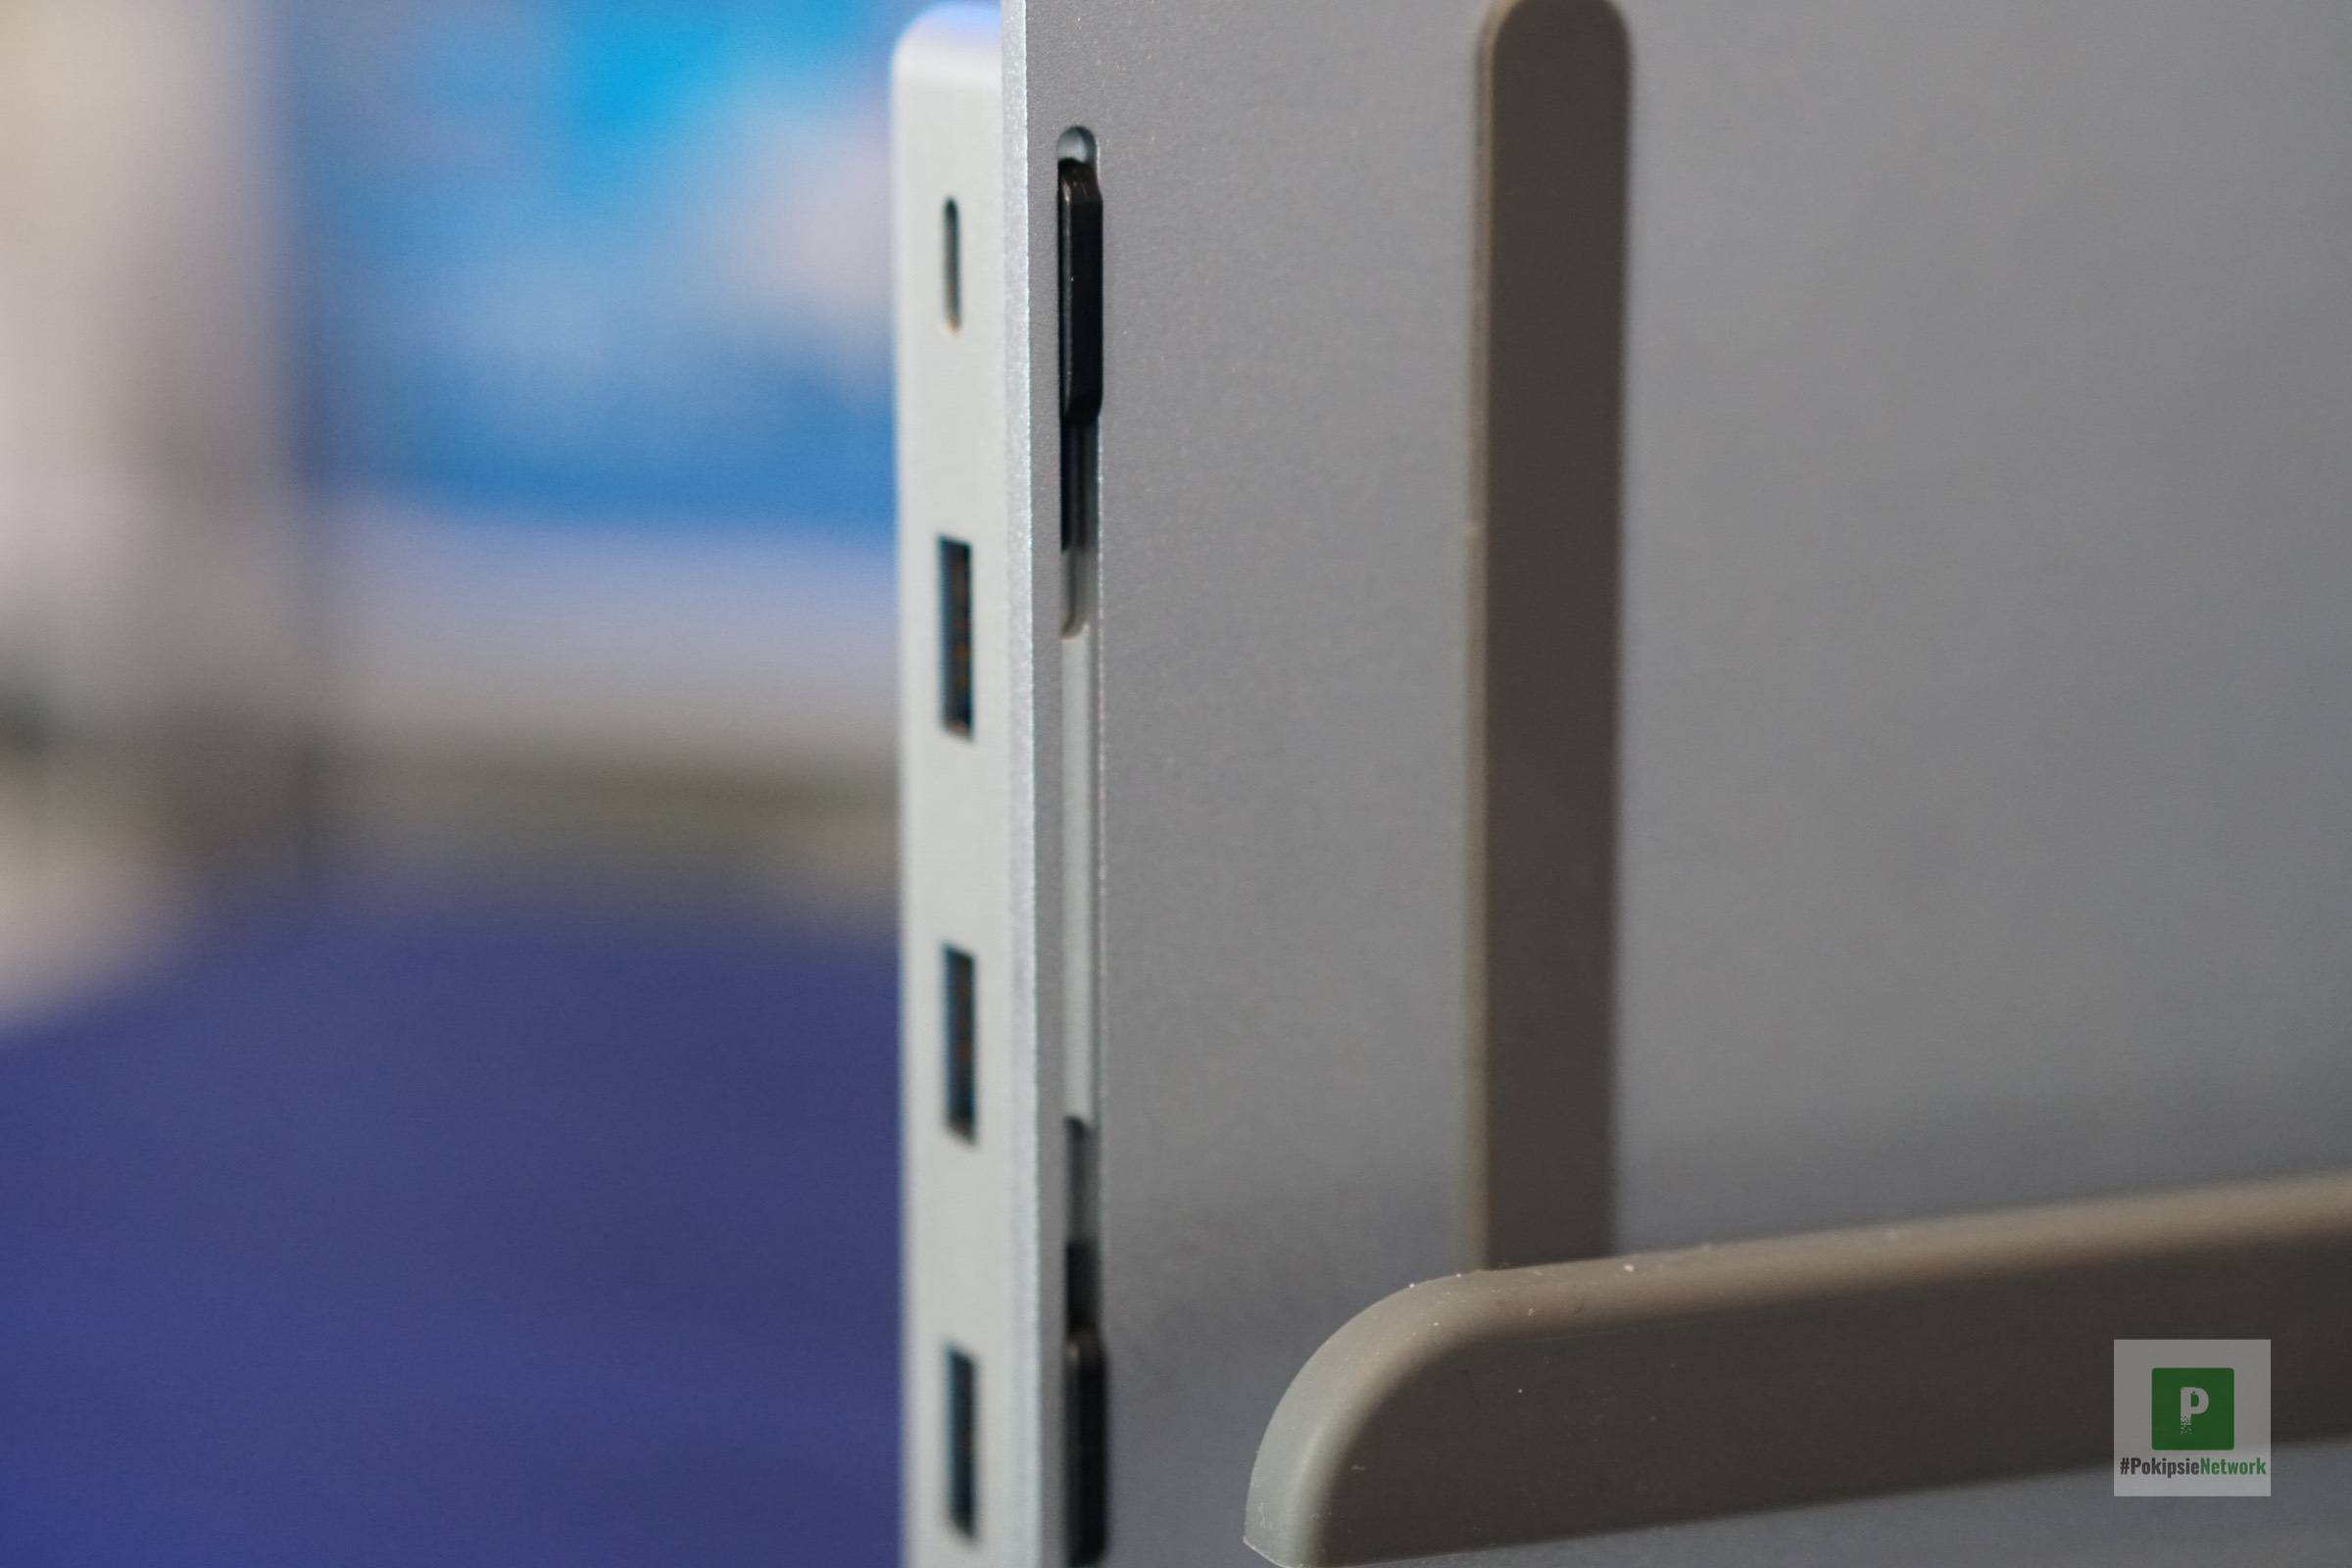 Das USB-C-Dock am VerticalStand